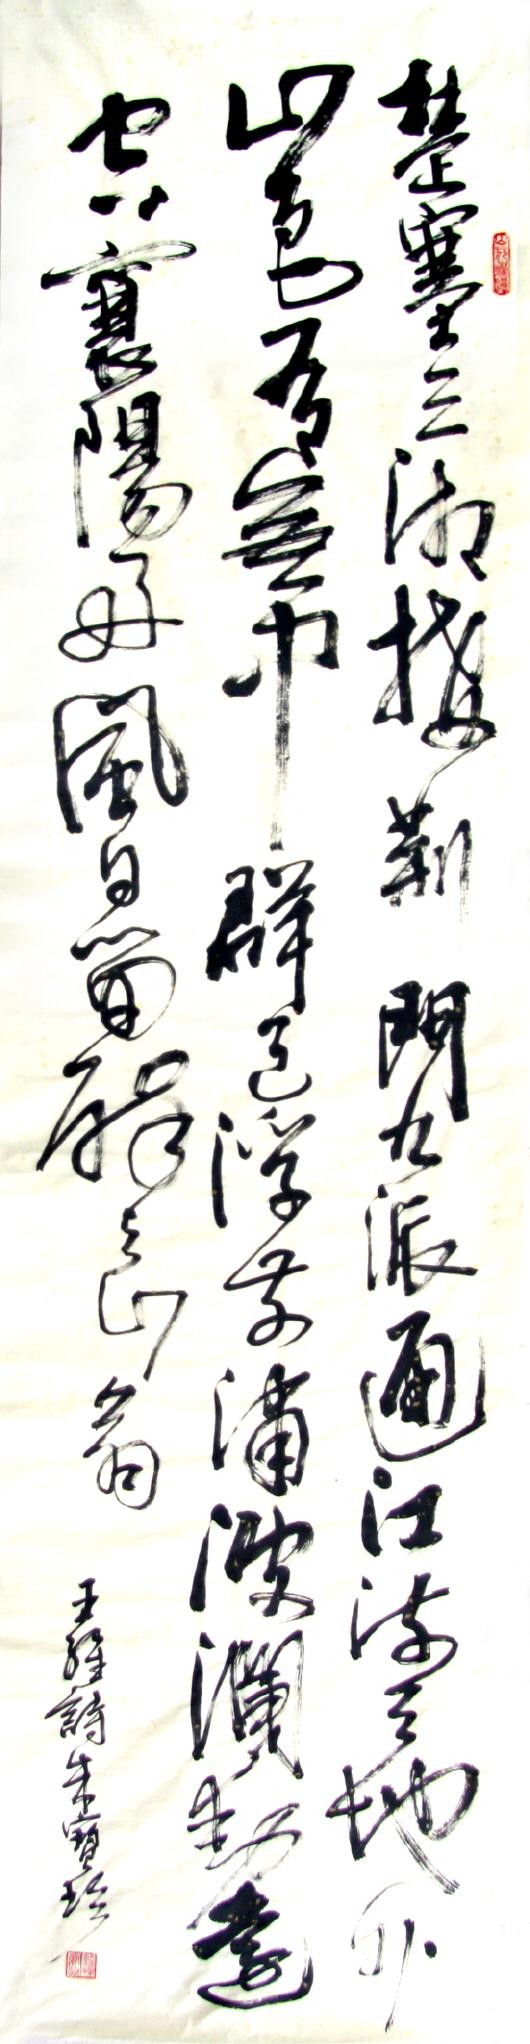 作者:朱宝珍 生于1946年12月,德州书法家协会会员,禹城 ...